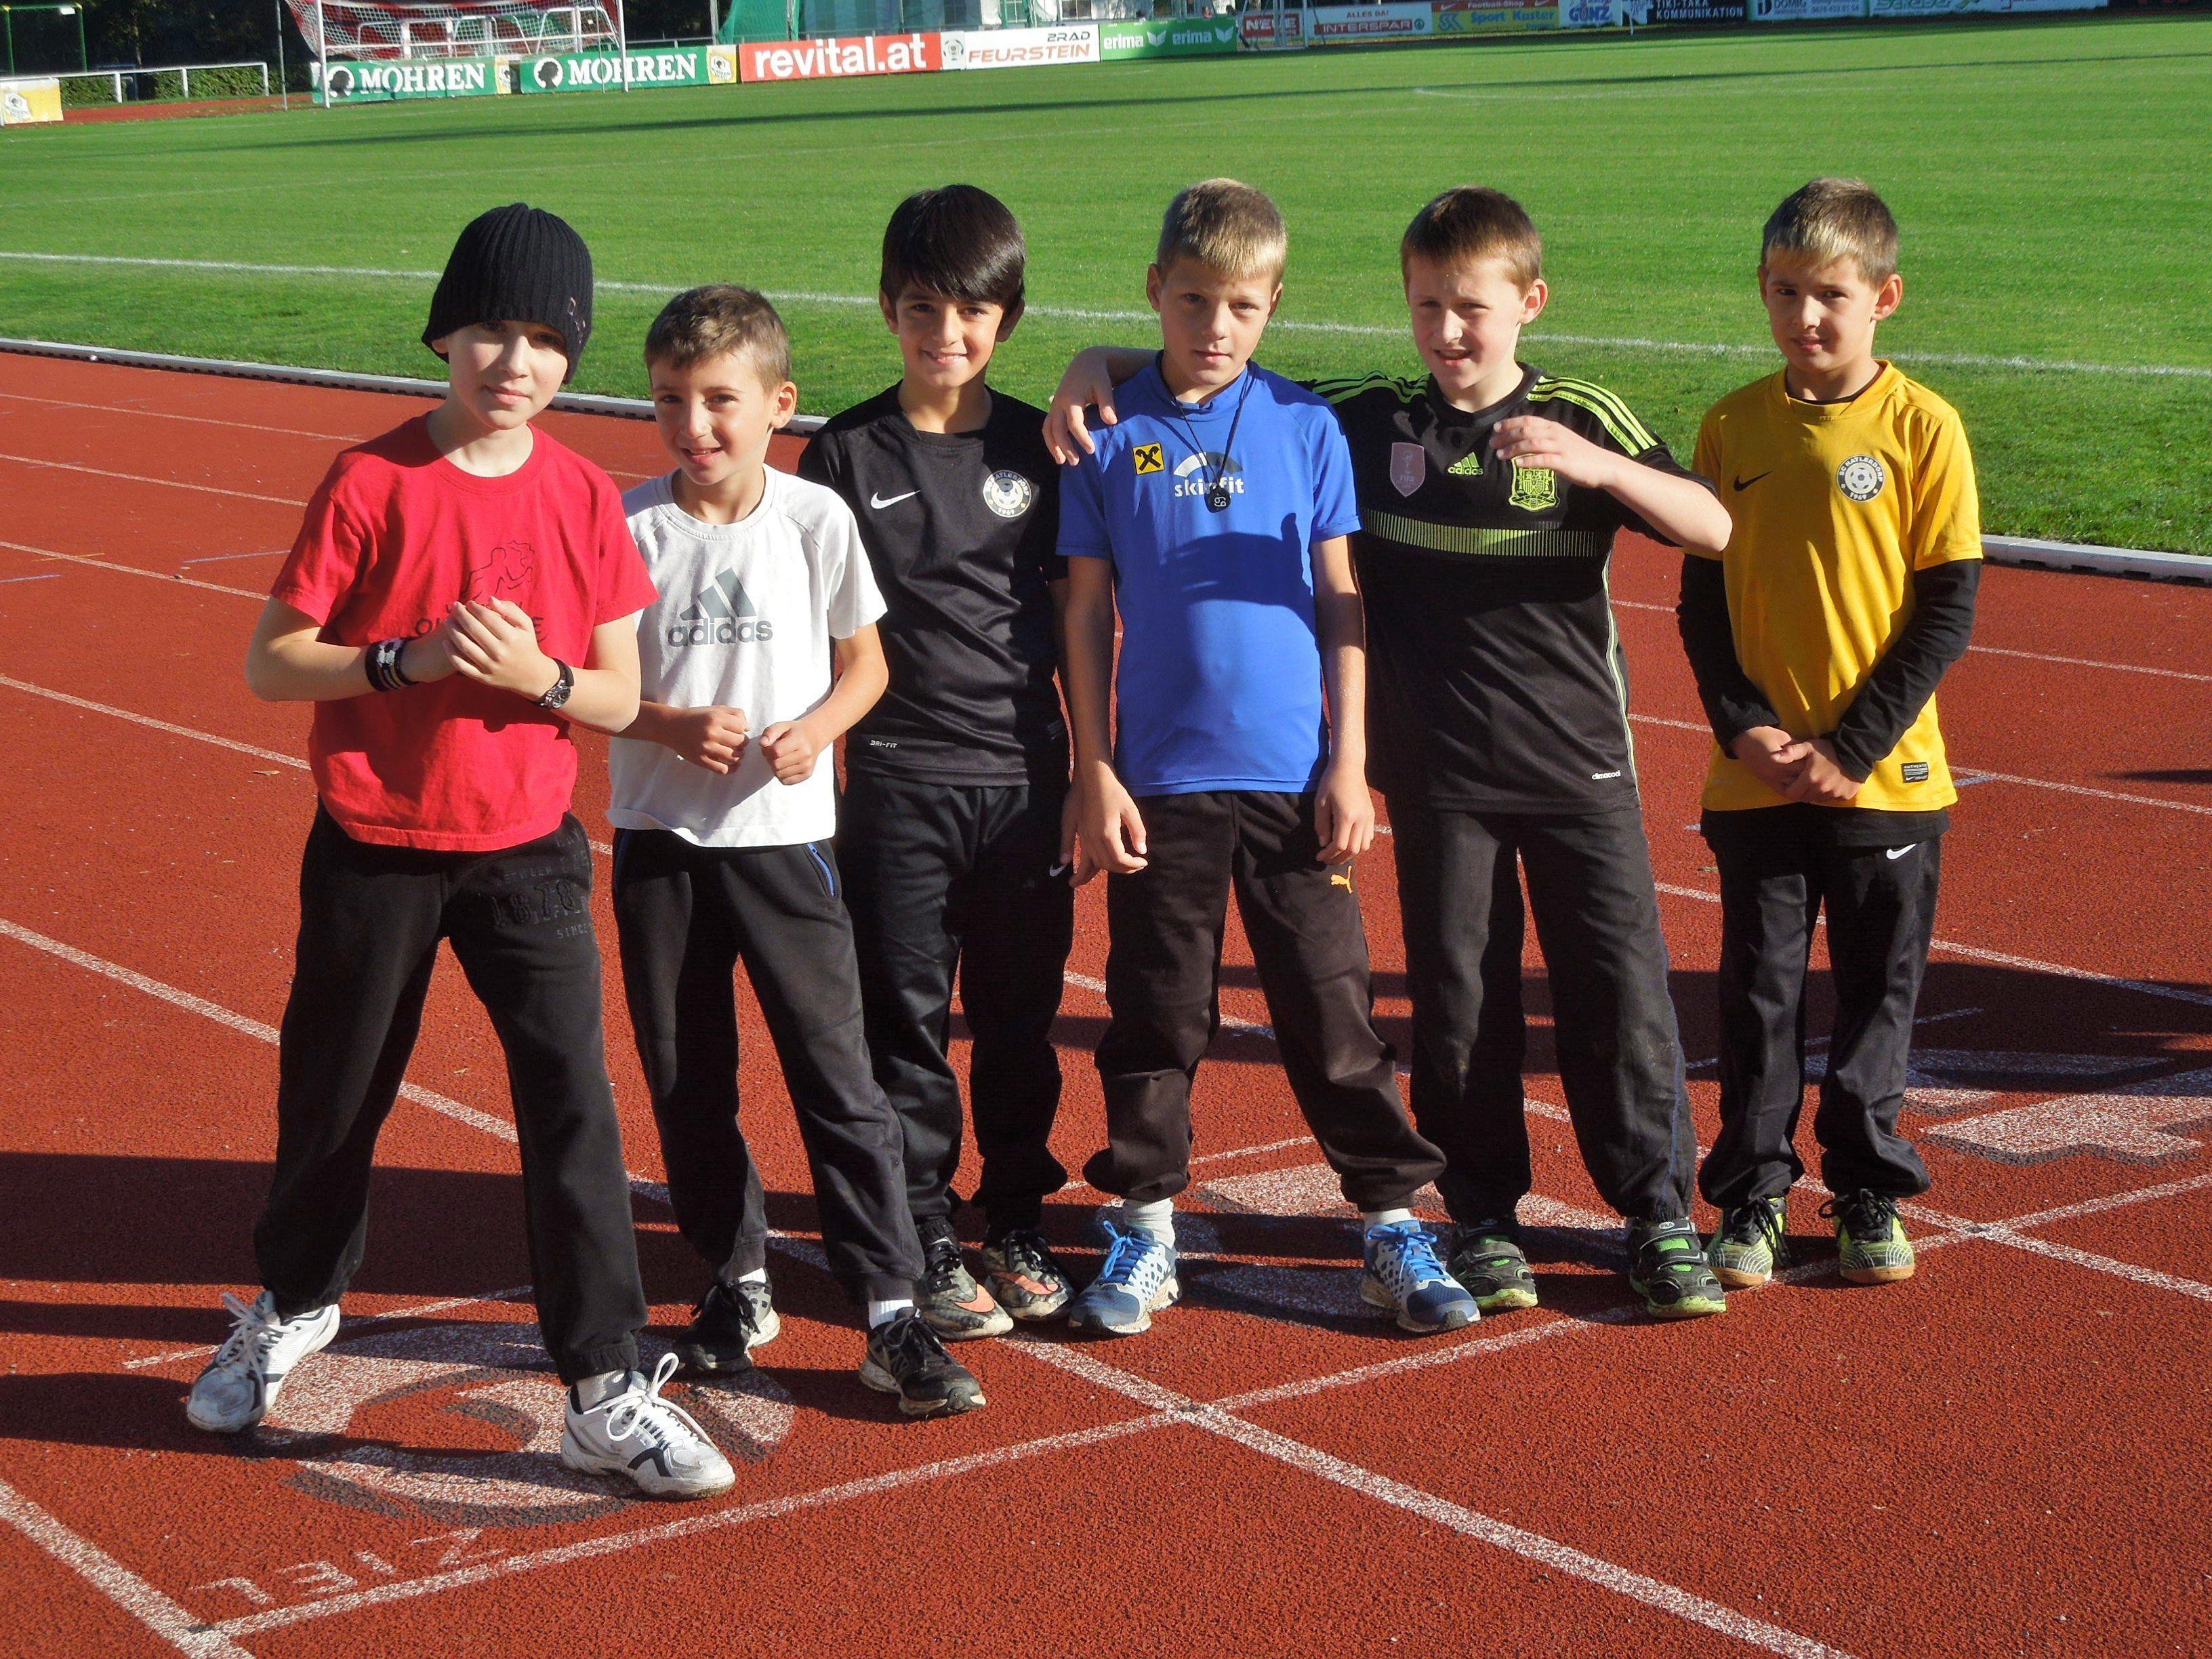 Die Kinder der VS Leopold hatten eine Menge Spaß und zeigten beim Leichtathletikfest echten Sports- und Teamgeist.